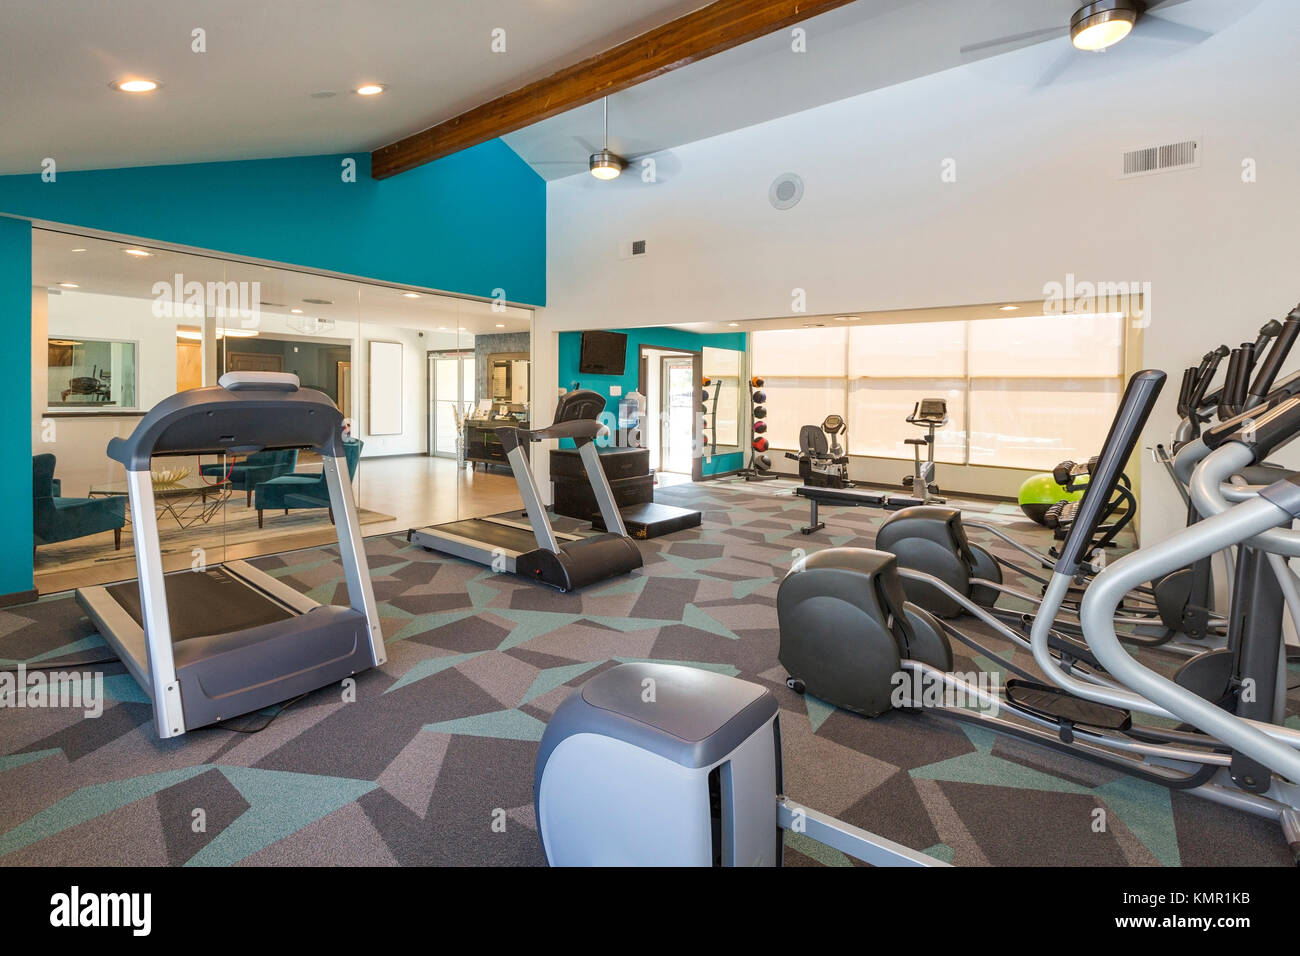 Modern Fitness Center - Stock Image